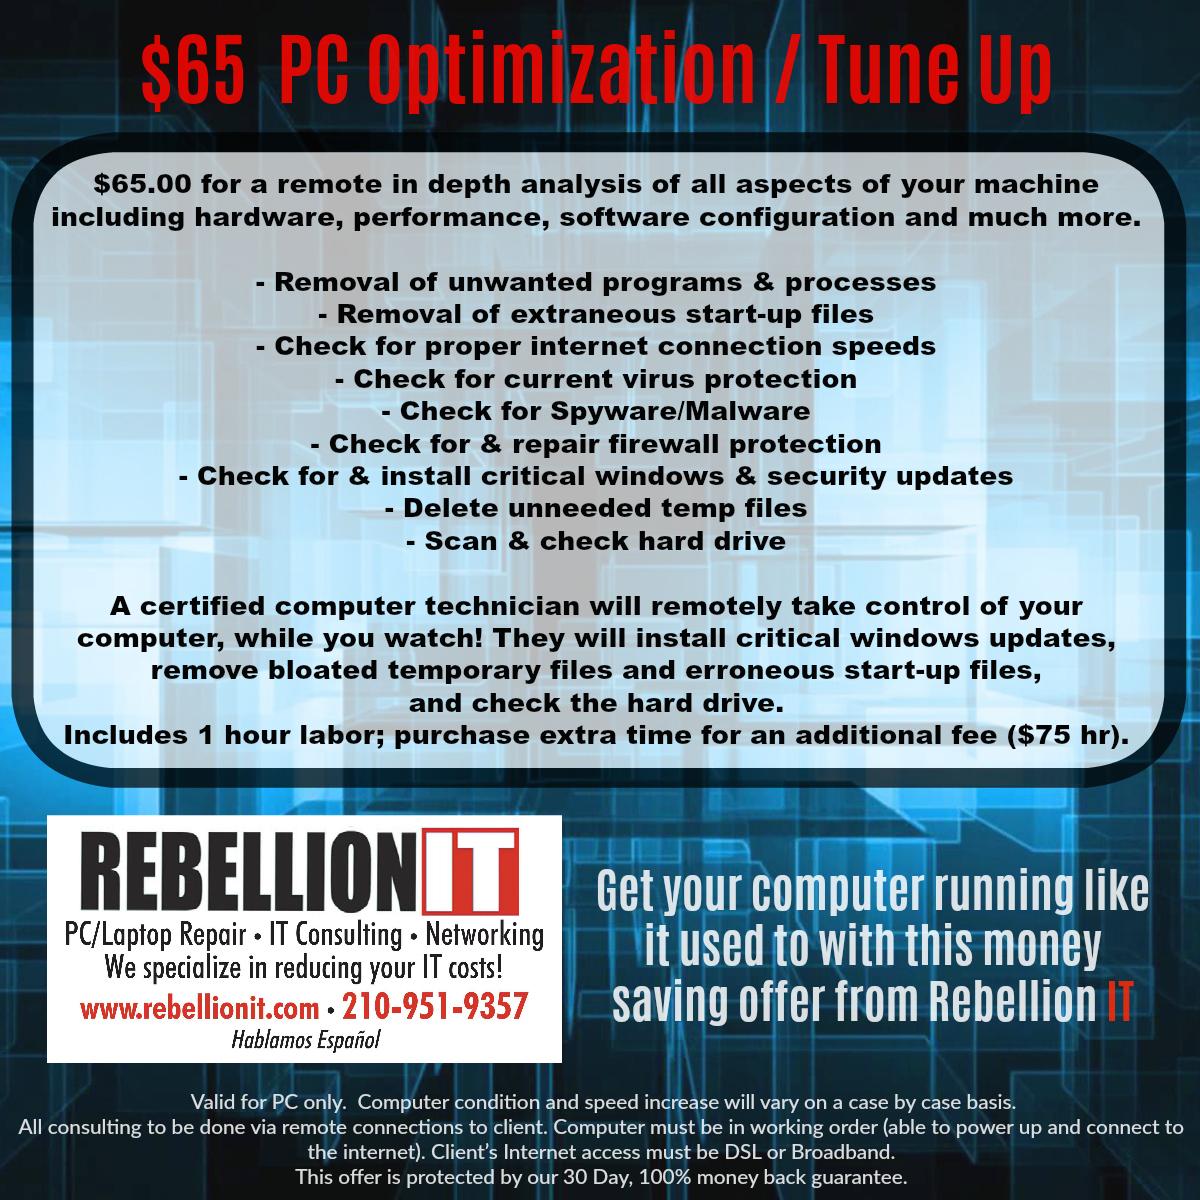 $65 PC Optimization / Tune-up